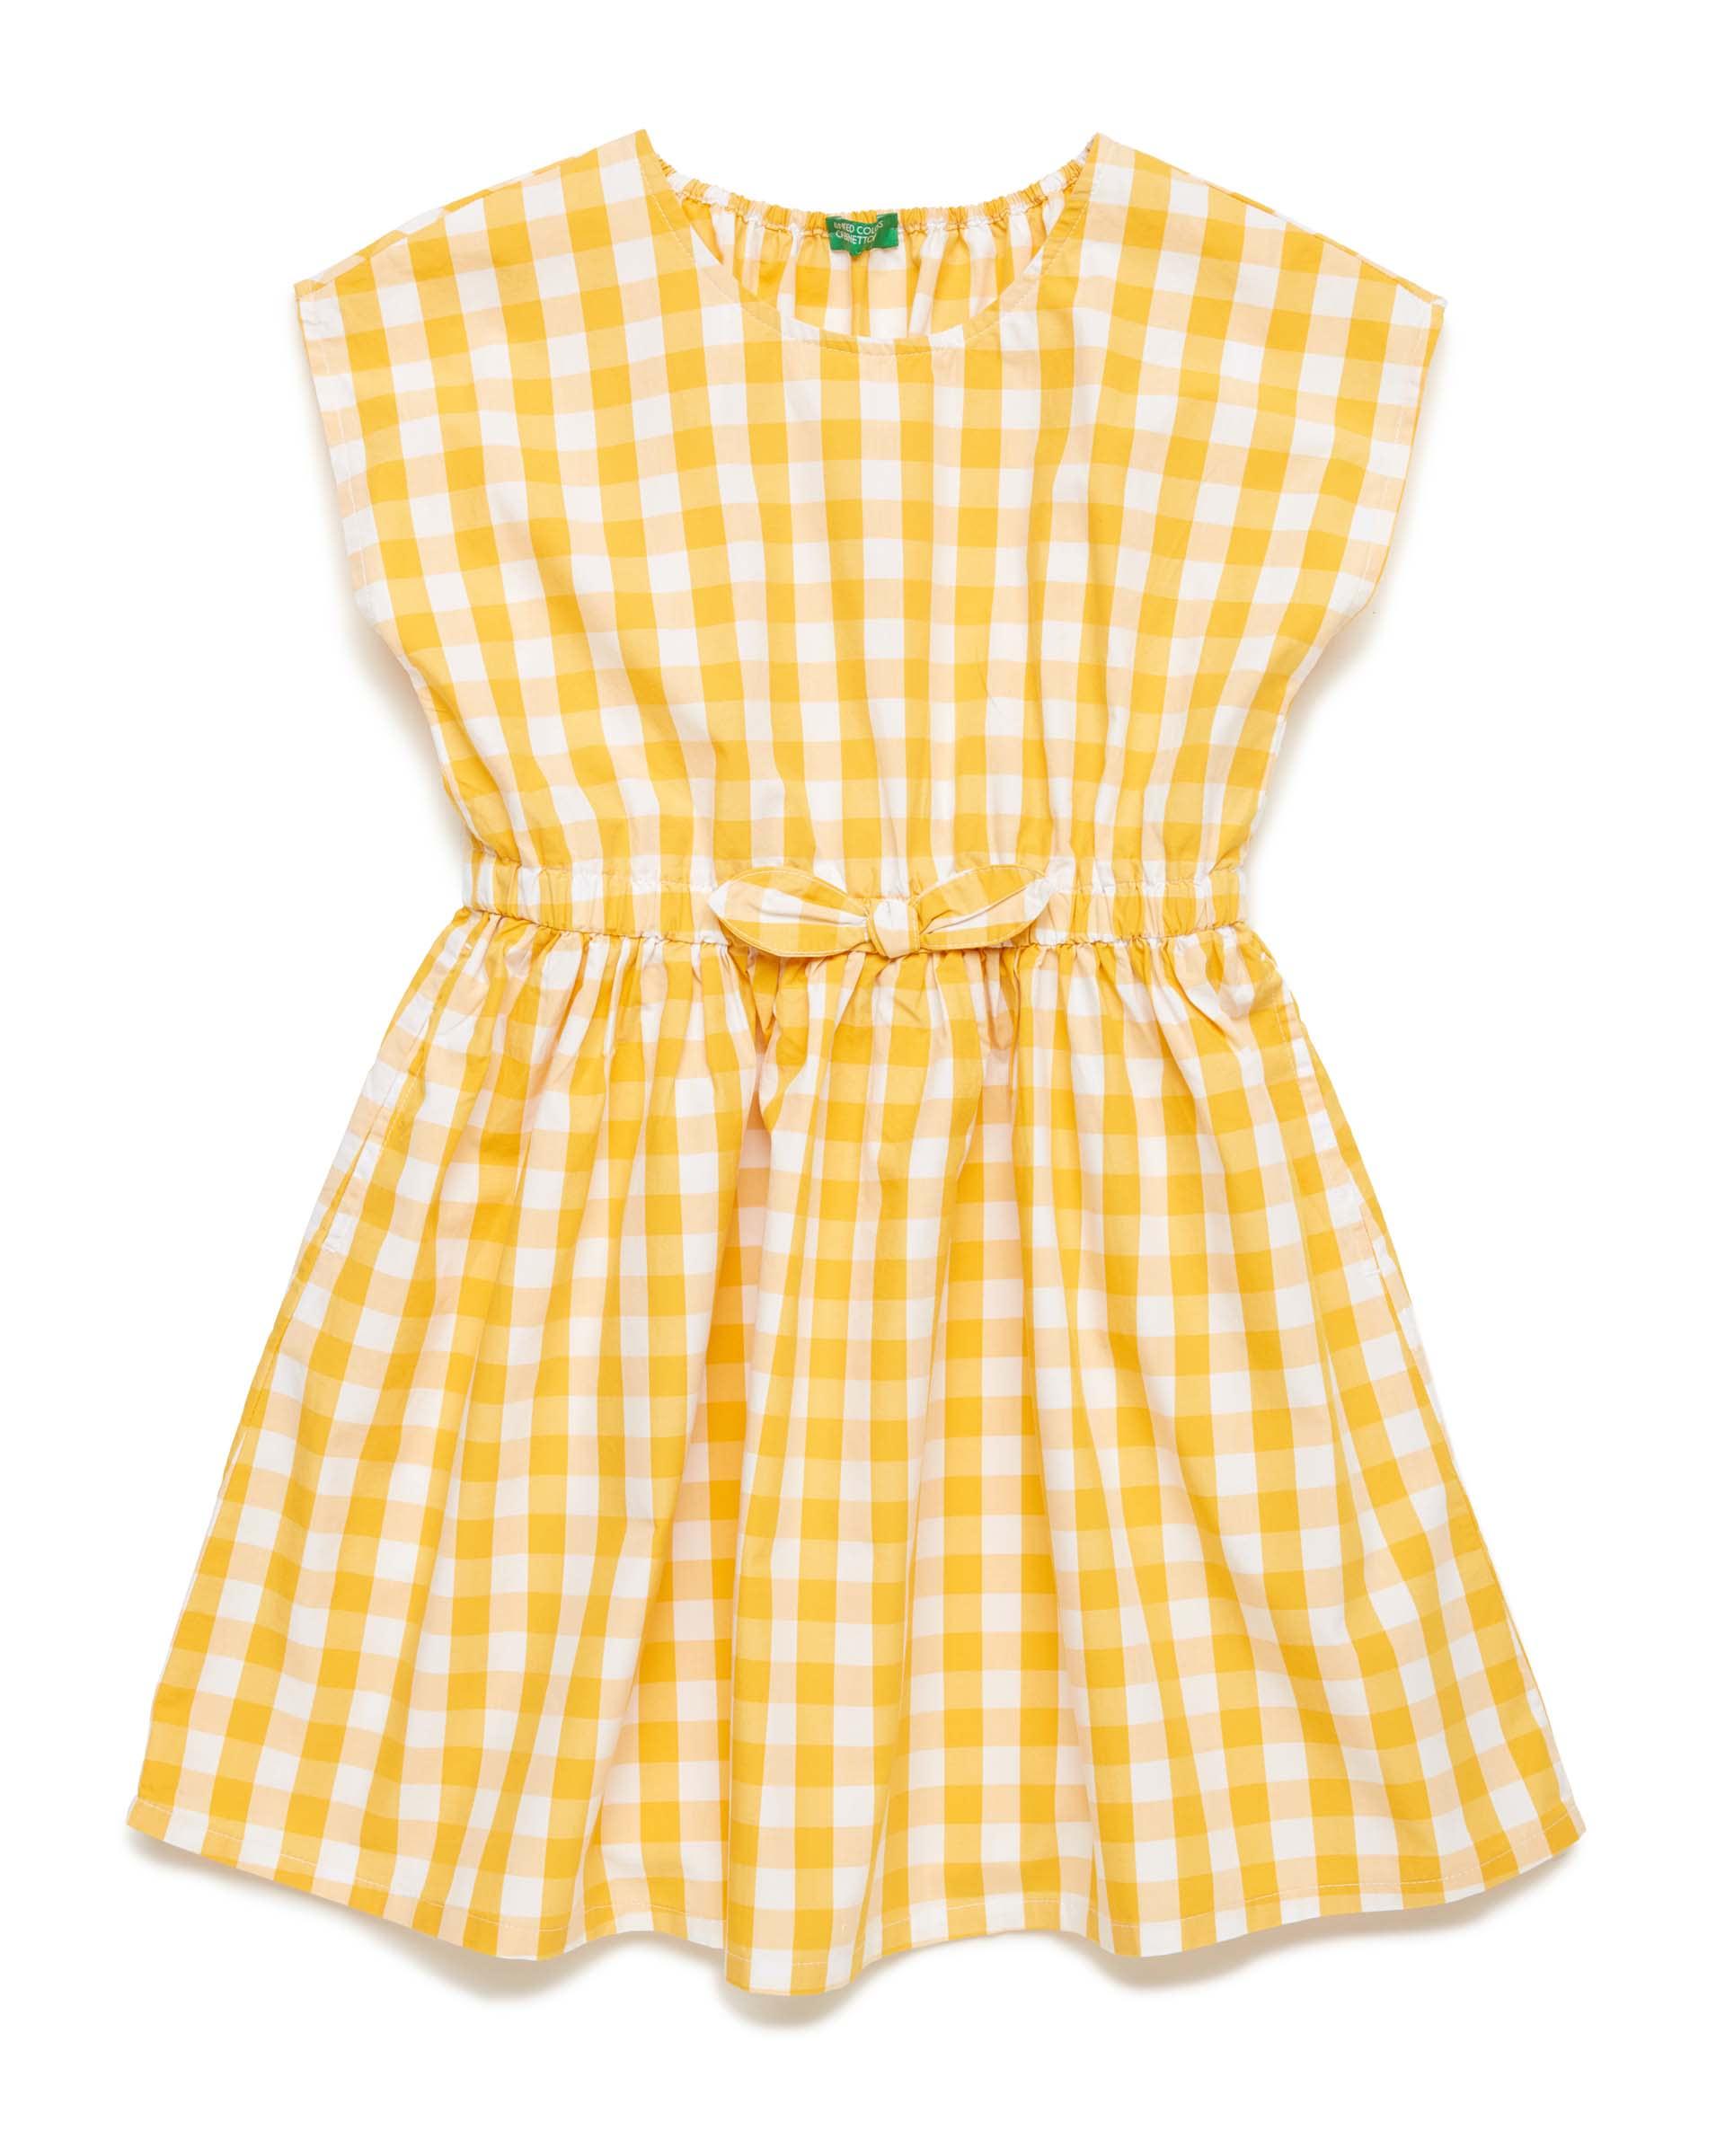 Купить 20P_4OT75VDG0_911, Платье для девочек Benetton 4OT75VDG0_911 р-р 152, United Colors of Benetton, Платья для девочек